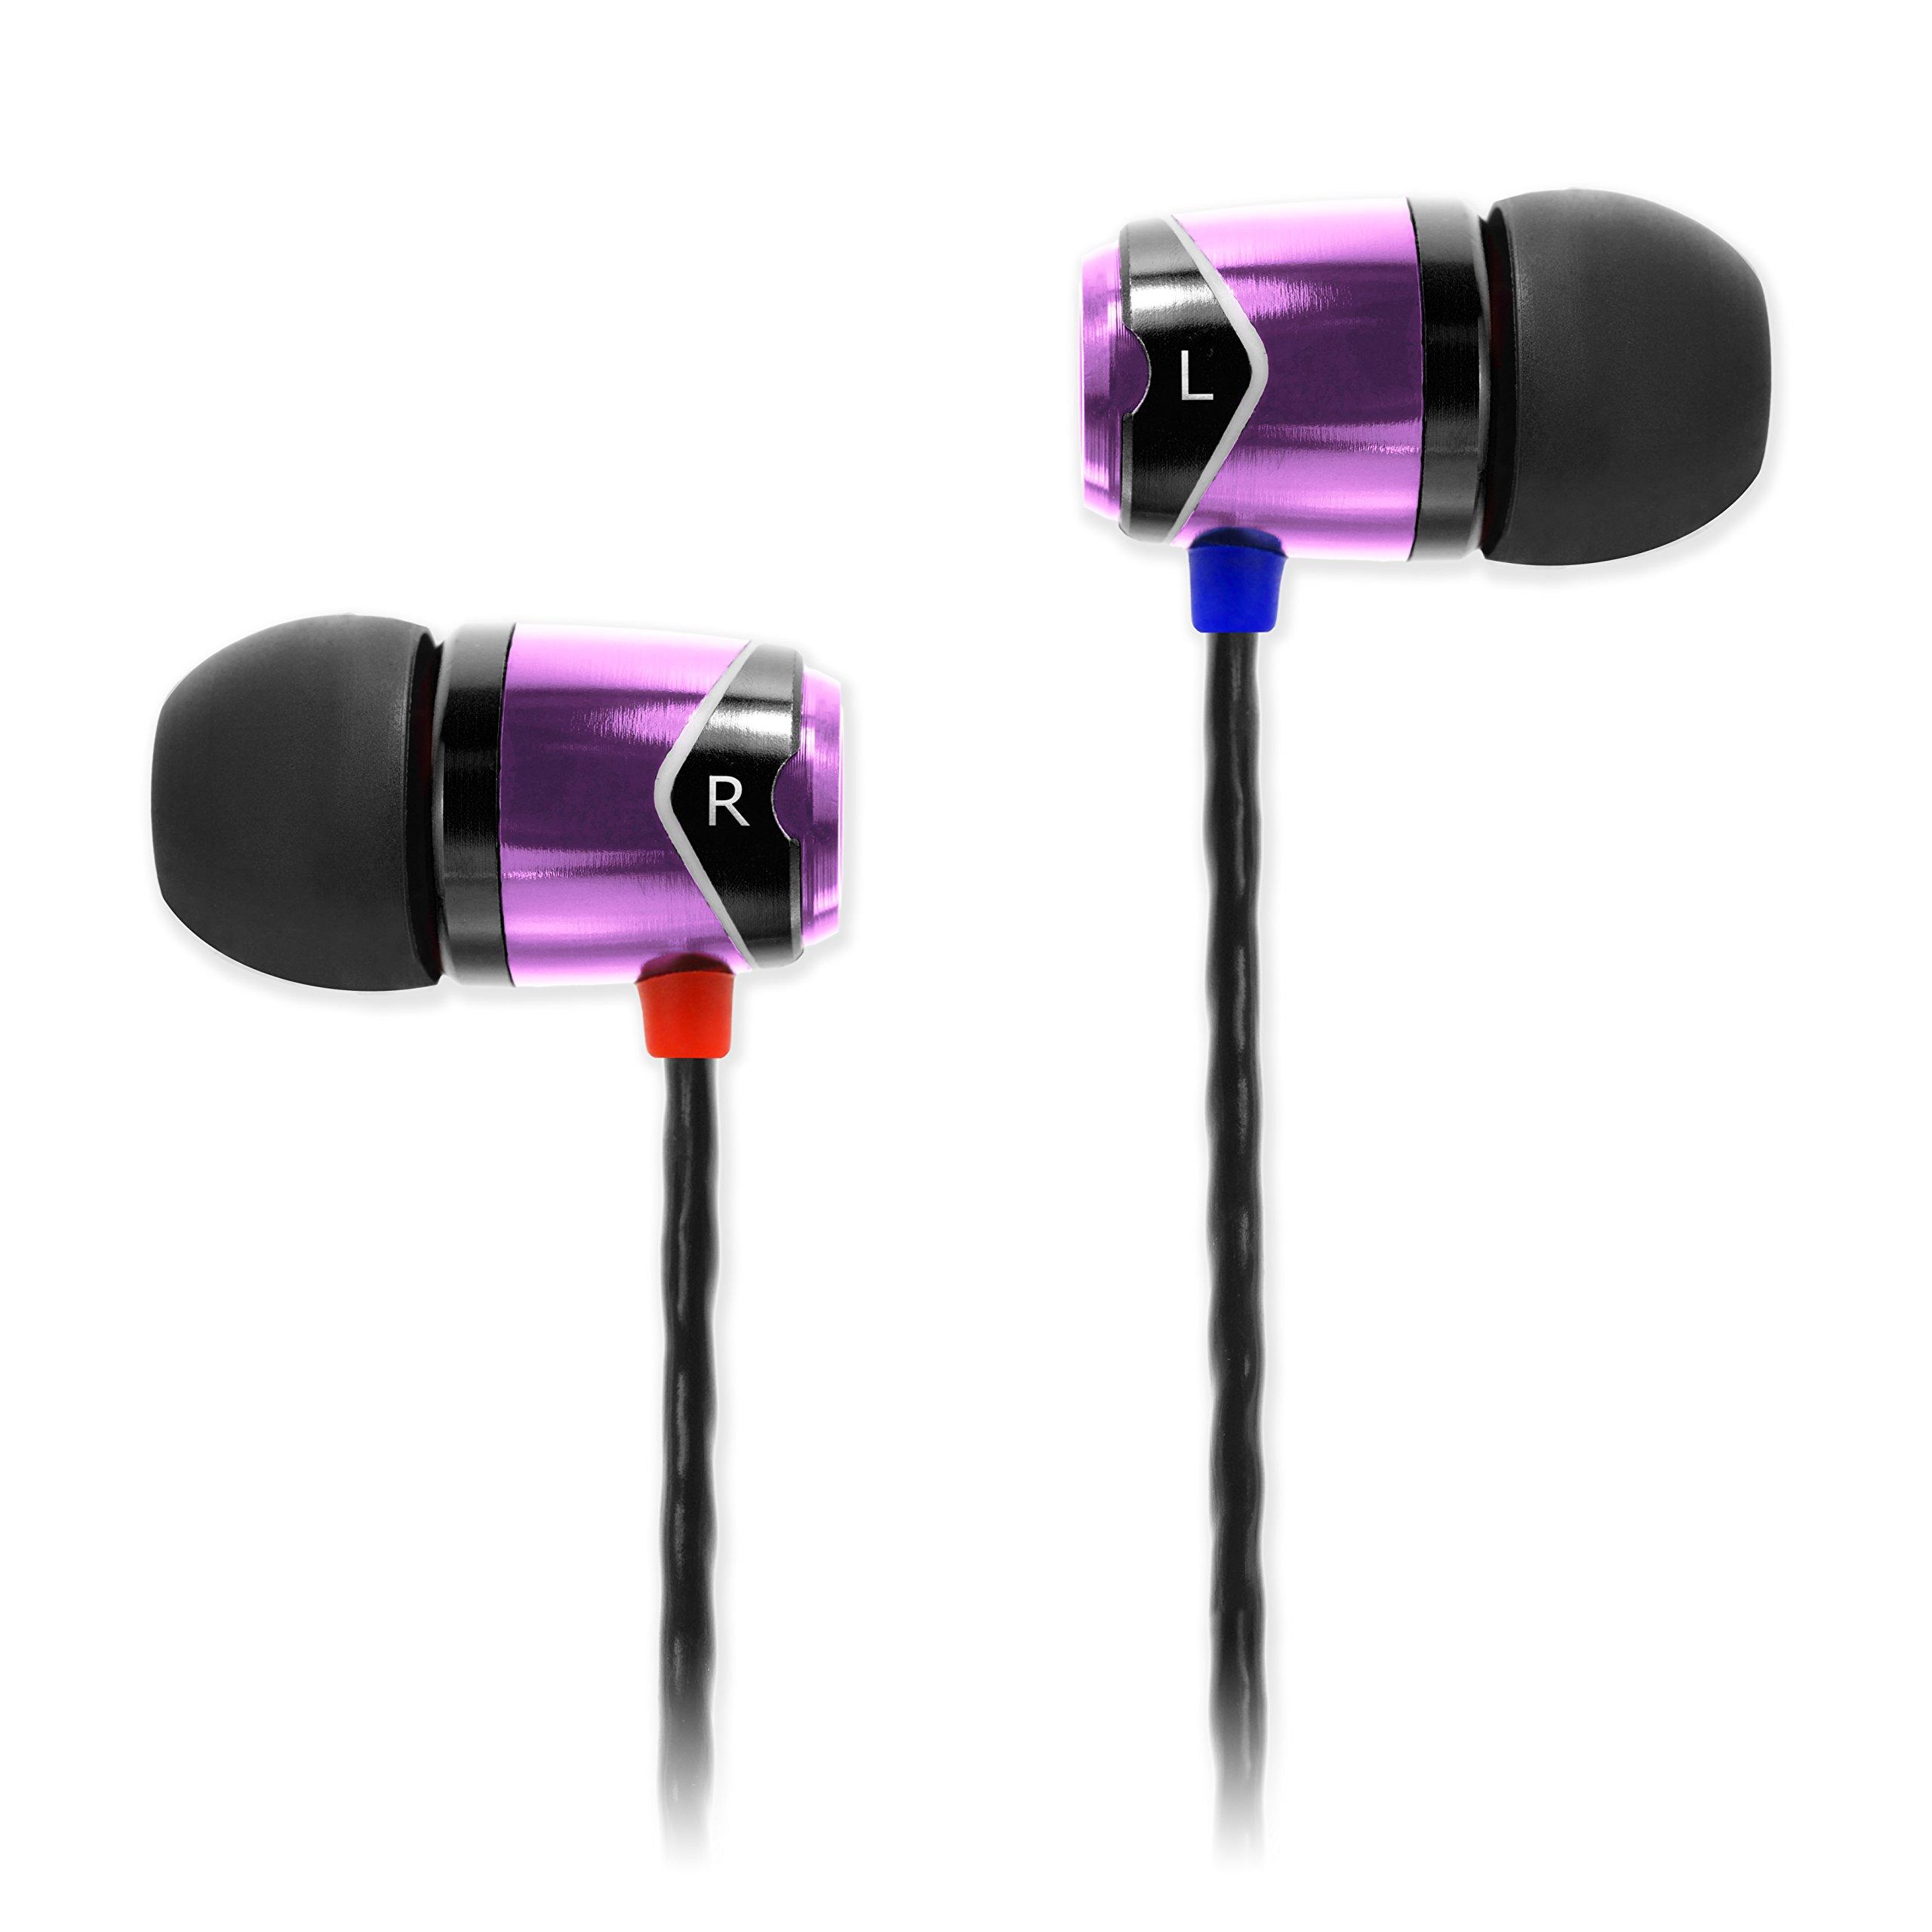 SoundMAGIC E10 Auriculares intrauditivos con aislamiento de ruido (Púrpura)